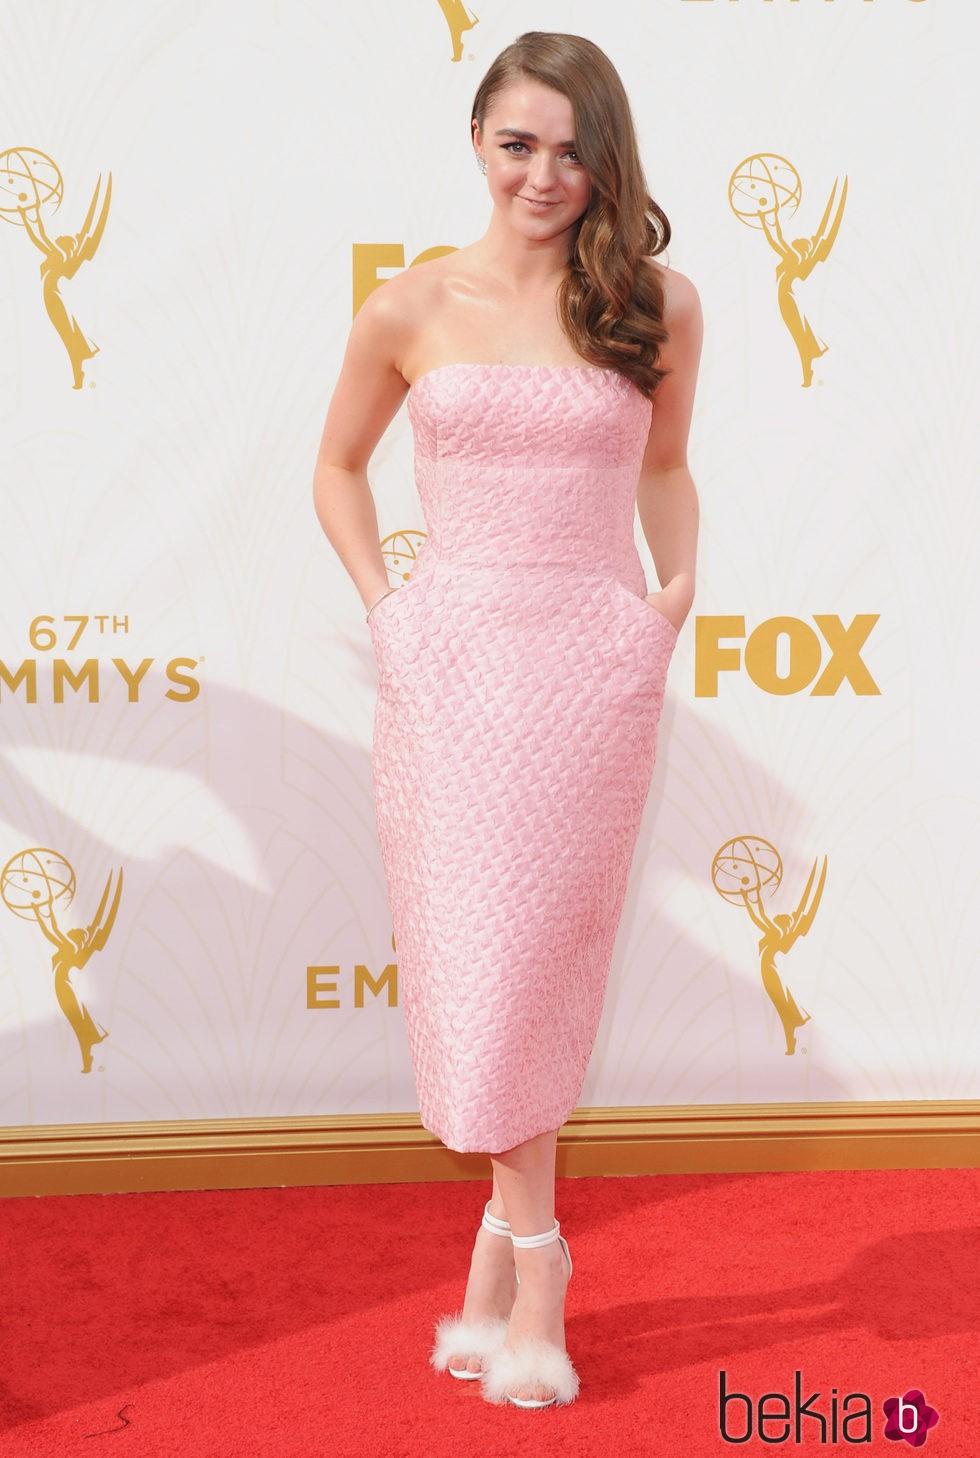 Maisie Williams en la alfombra roja de los premios Emmy 2015